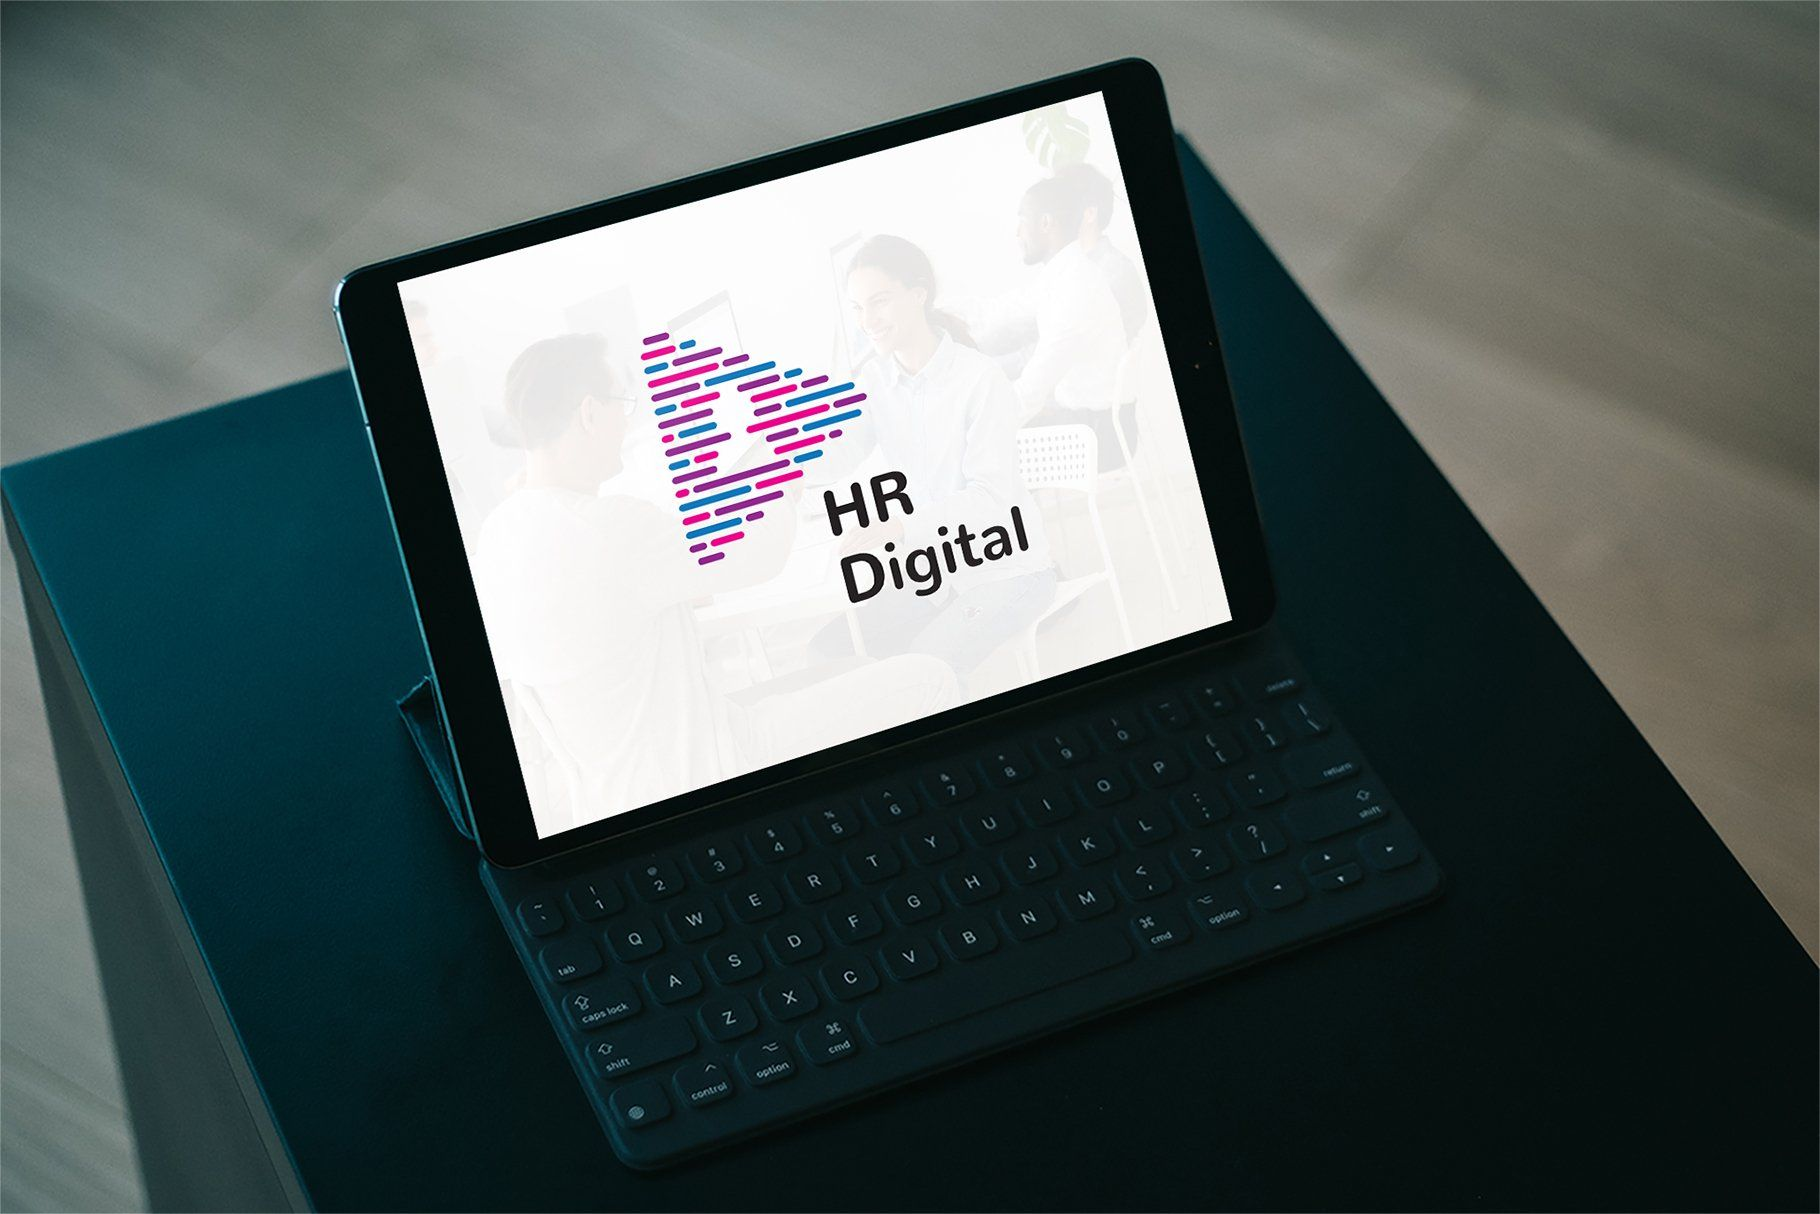 Hr digital logo